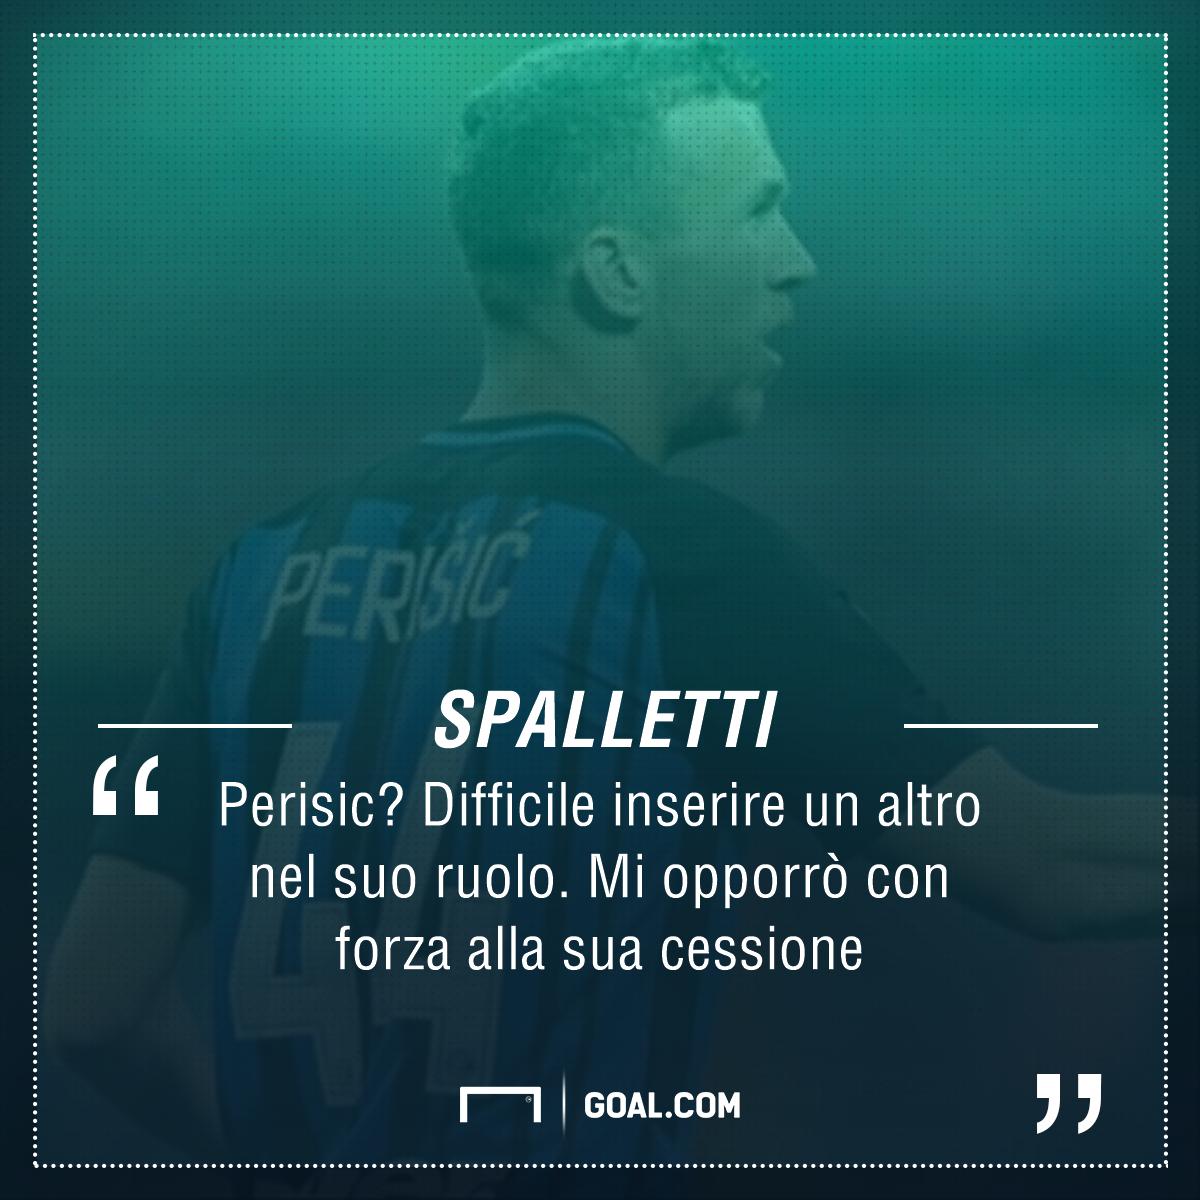 Calciomercato Inter, Spalletti blinda anche Candreva: